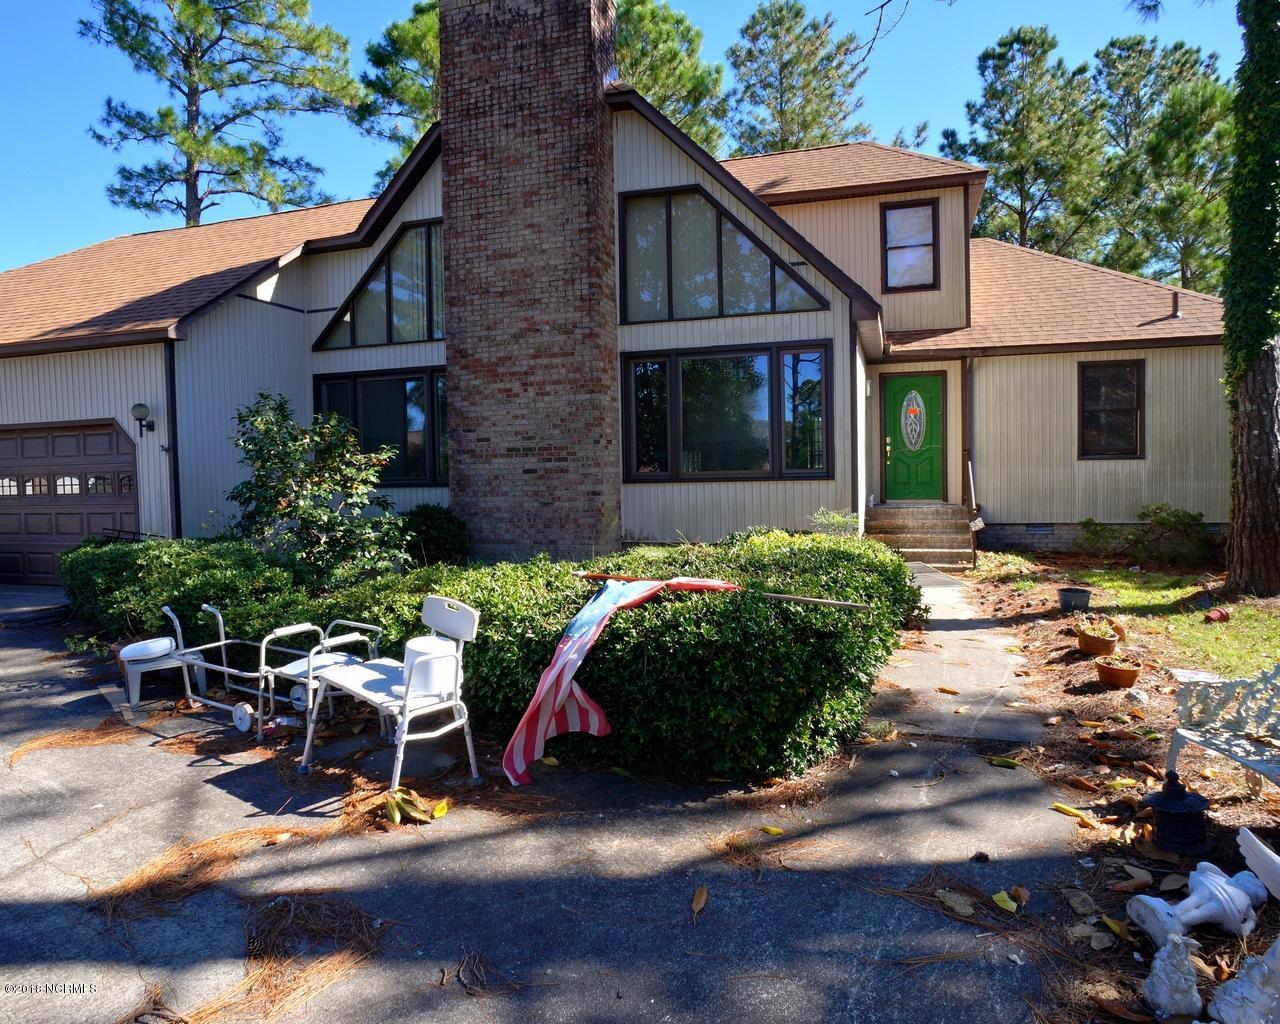 906 Spar Court, New Bern, North Carolina, 3 Bedrooms Bedrooms, 6 Rooms Rooms,2 BathroomsBathrooms,Single family residence,For sale,Spar,100138273